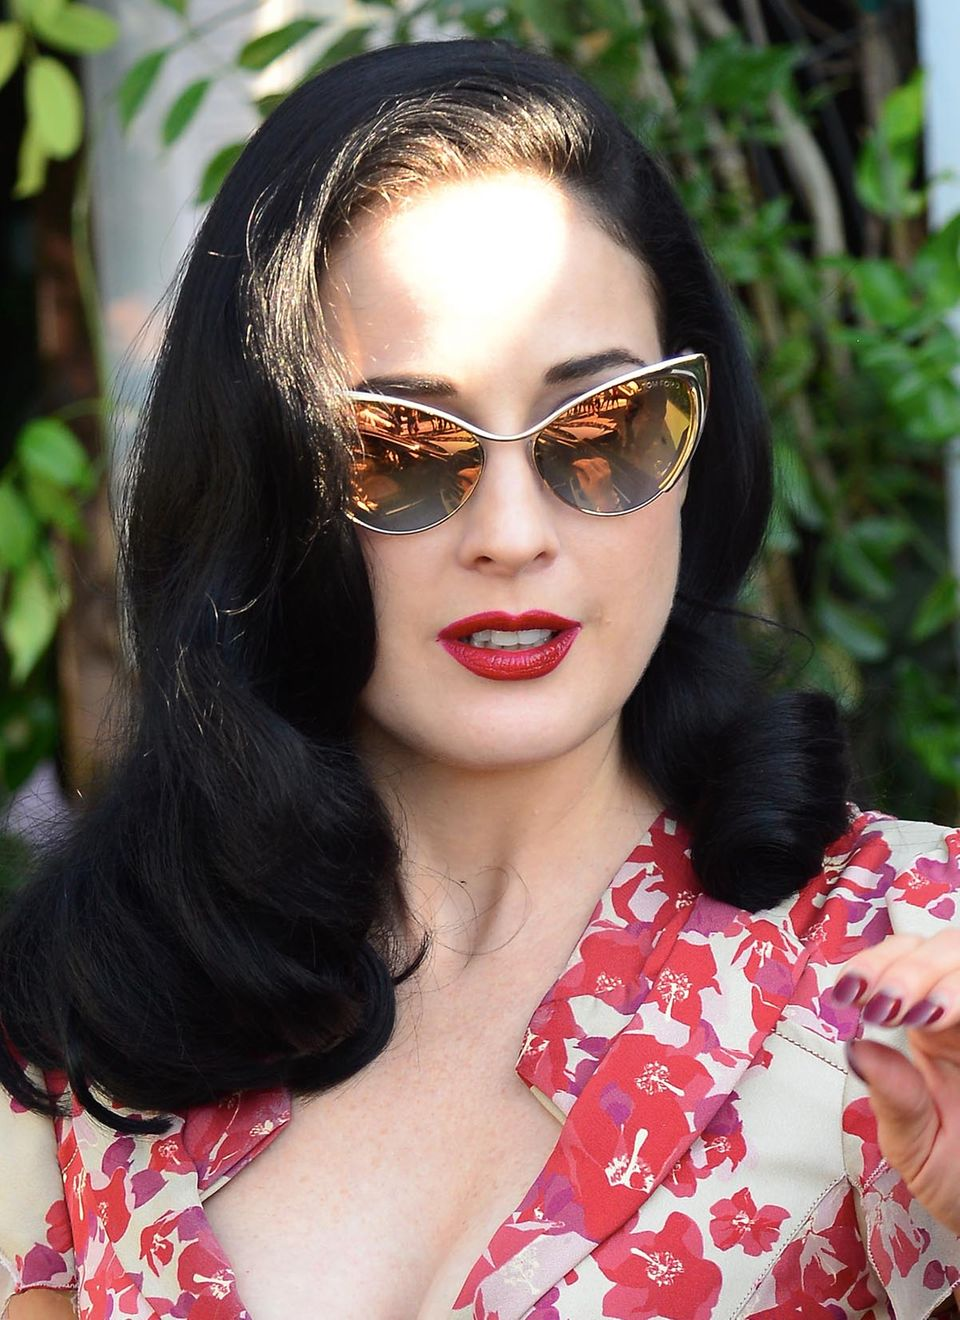 Sonnenbrillen in Katzenaugen-Form sind derzeit schwer angesagt. Dita von Teese trägt ihre voll verspiegelt und farblich passend zum Kleid.